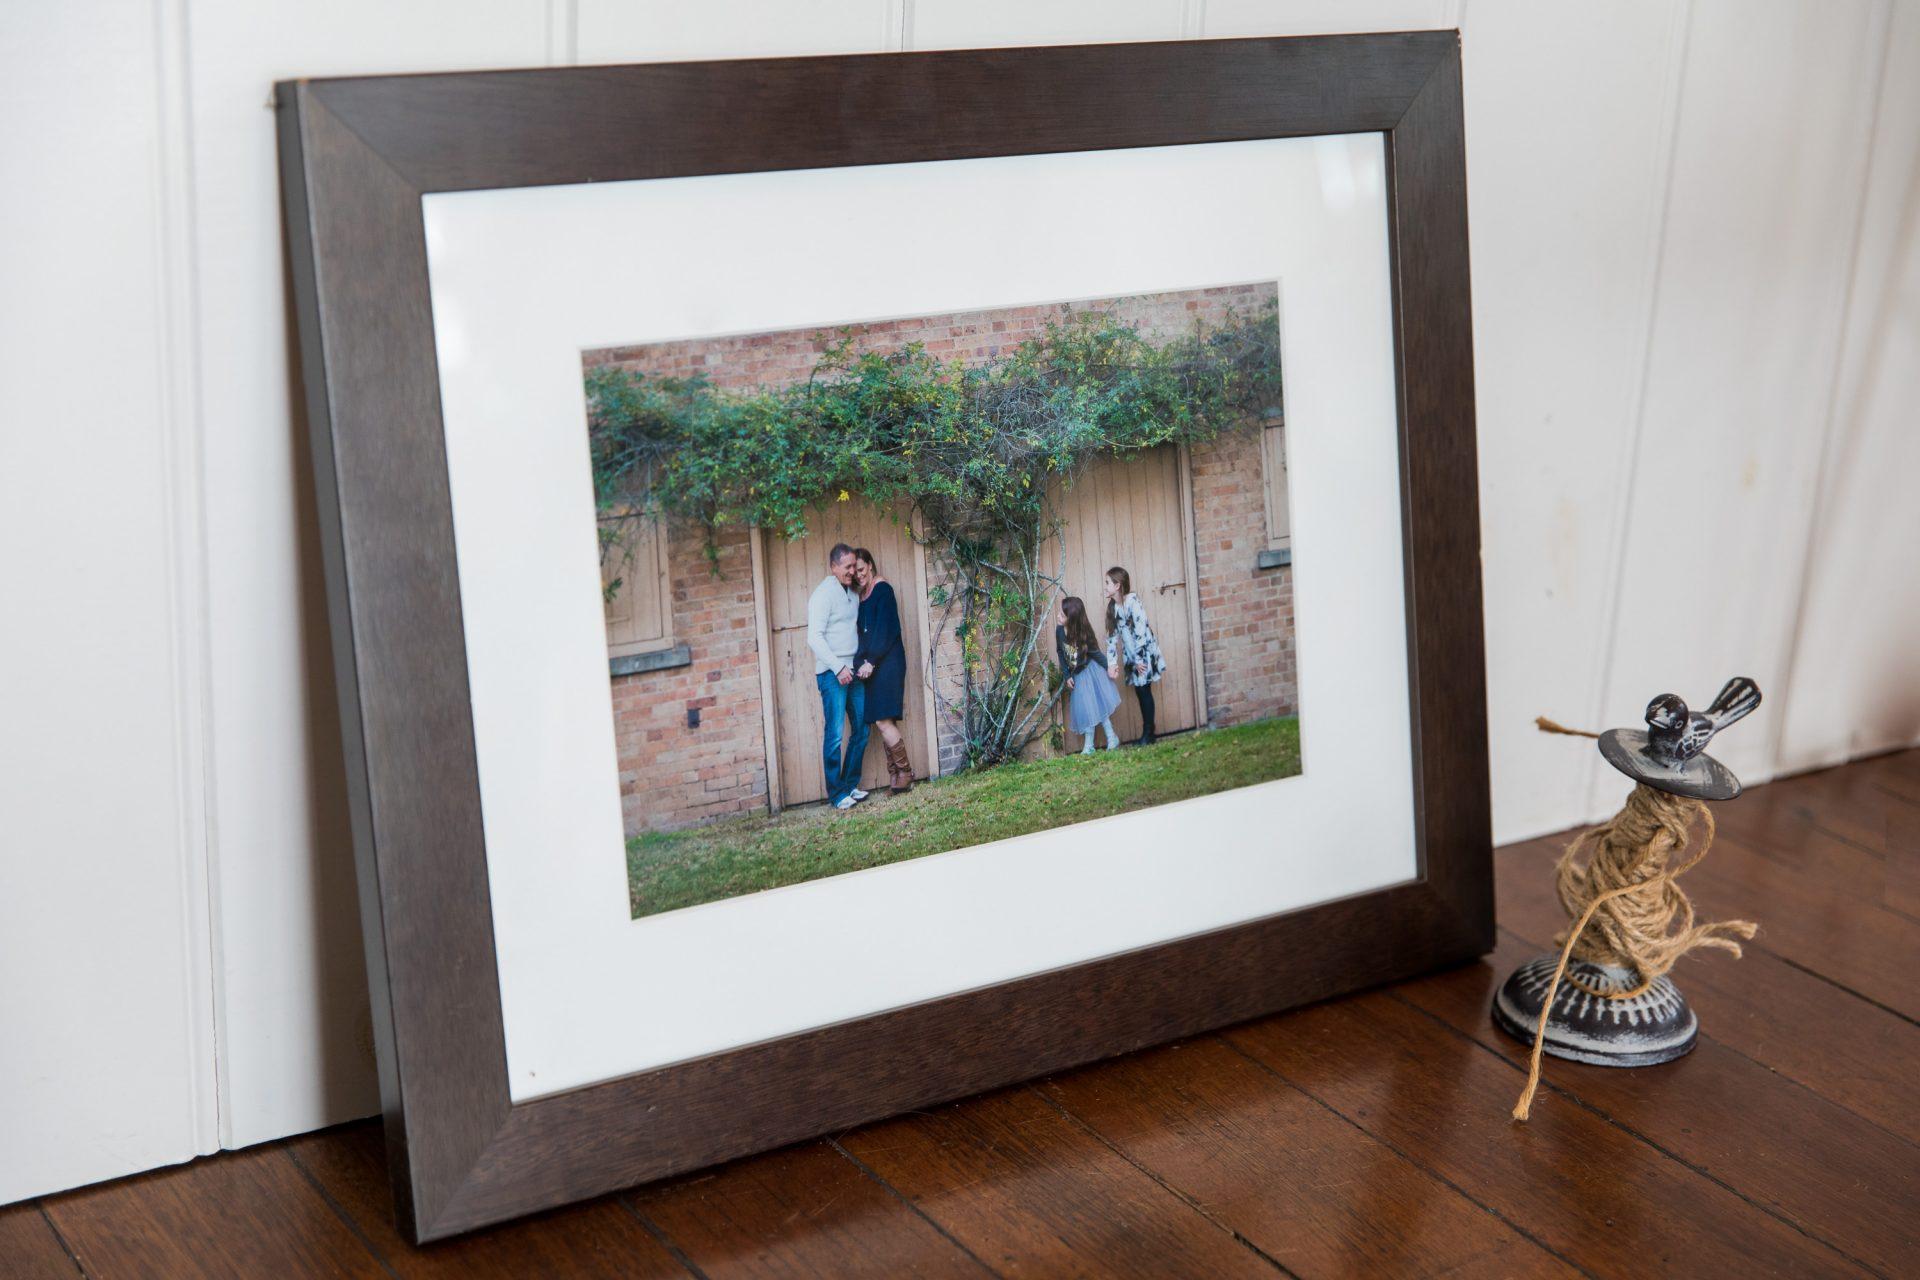 Framed photo of family